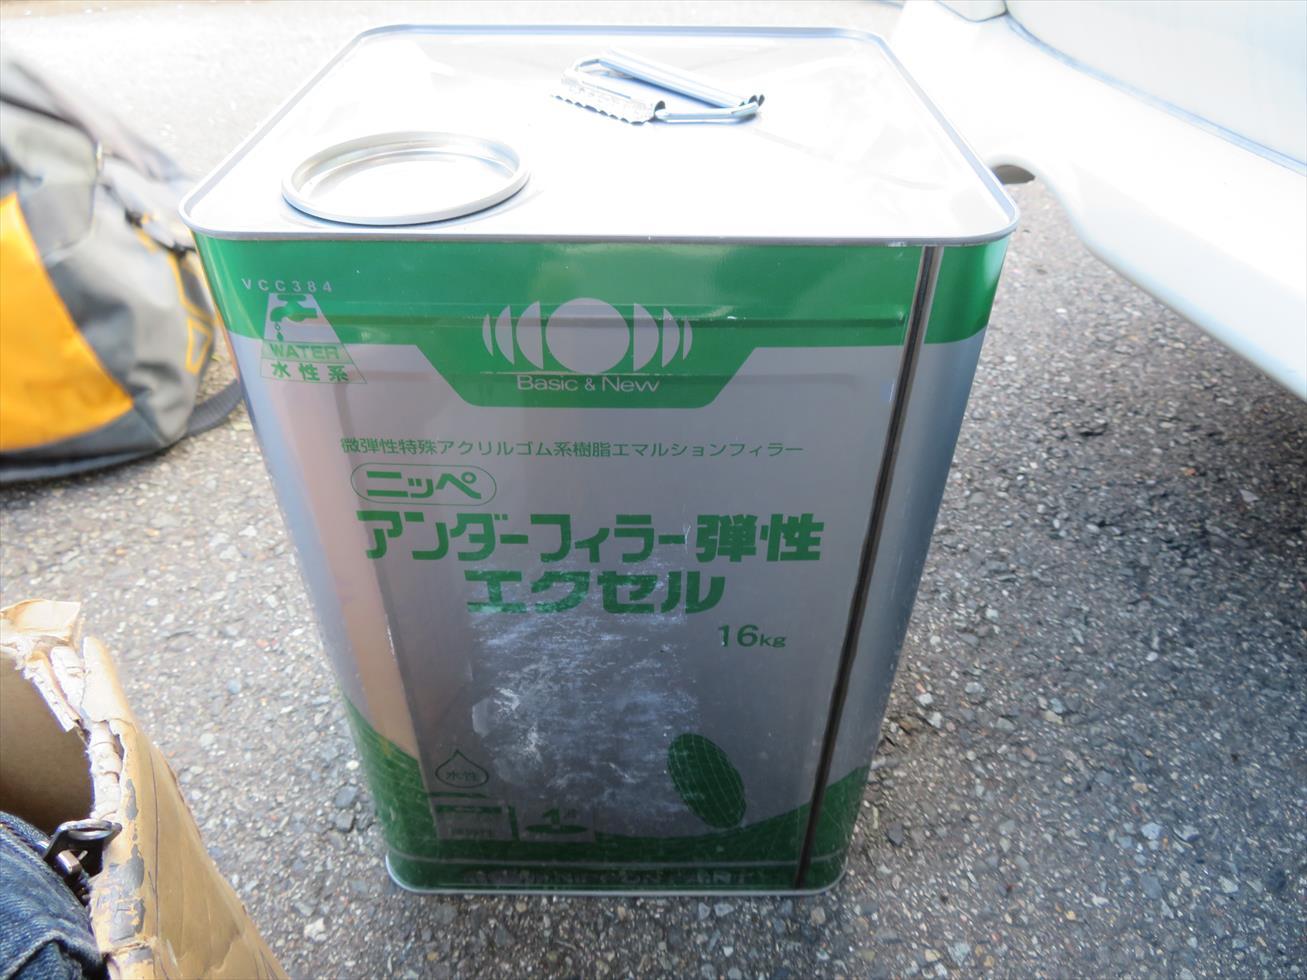 宝塚市のALC壁面マンションにはパーフェクトトップを塗る前に「日本ペイントアンダーフィラー弾性エクセル」と言う微弾性フィラー塗材を塗布する。